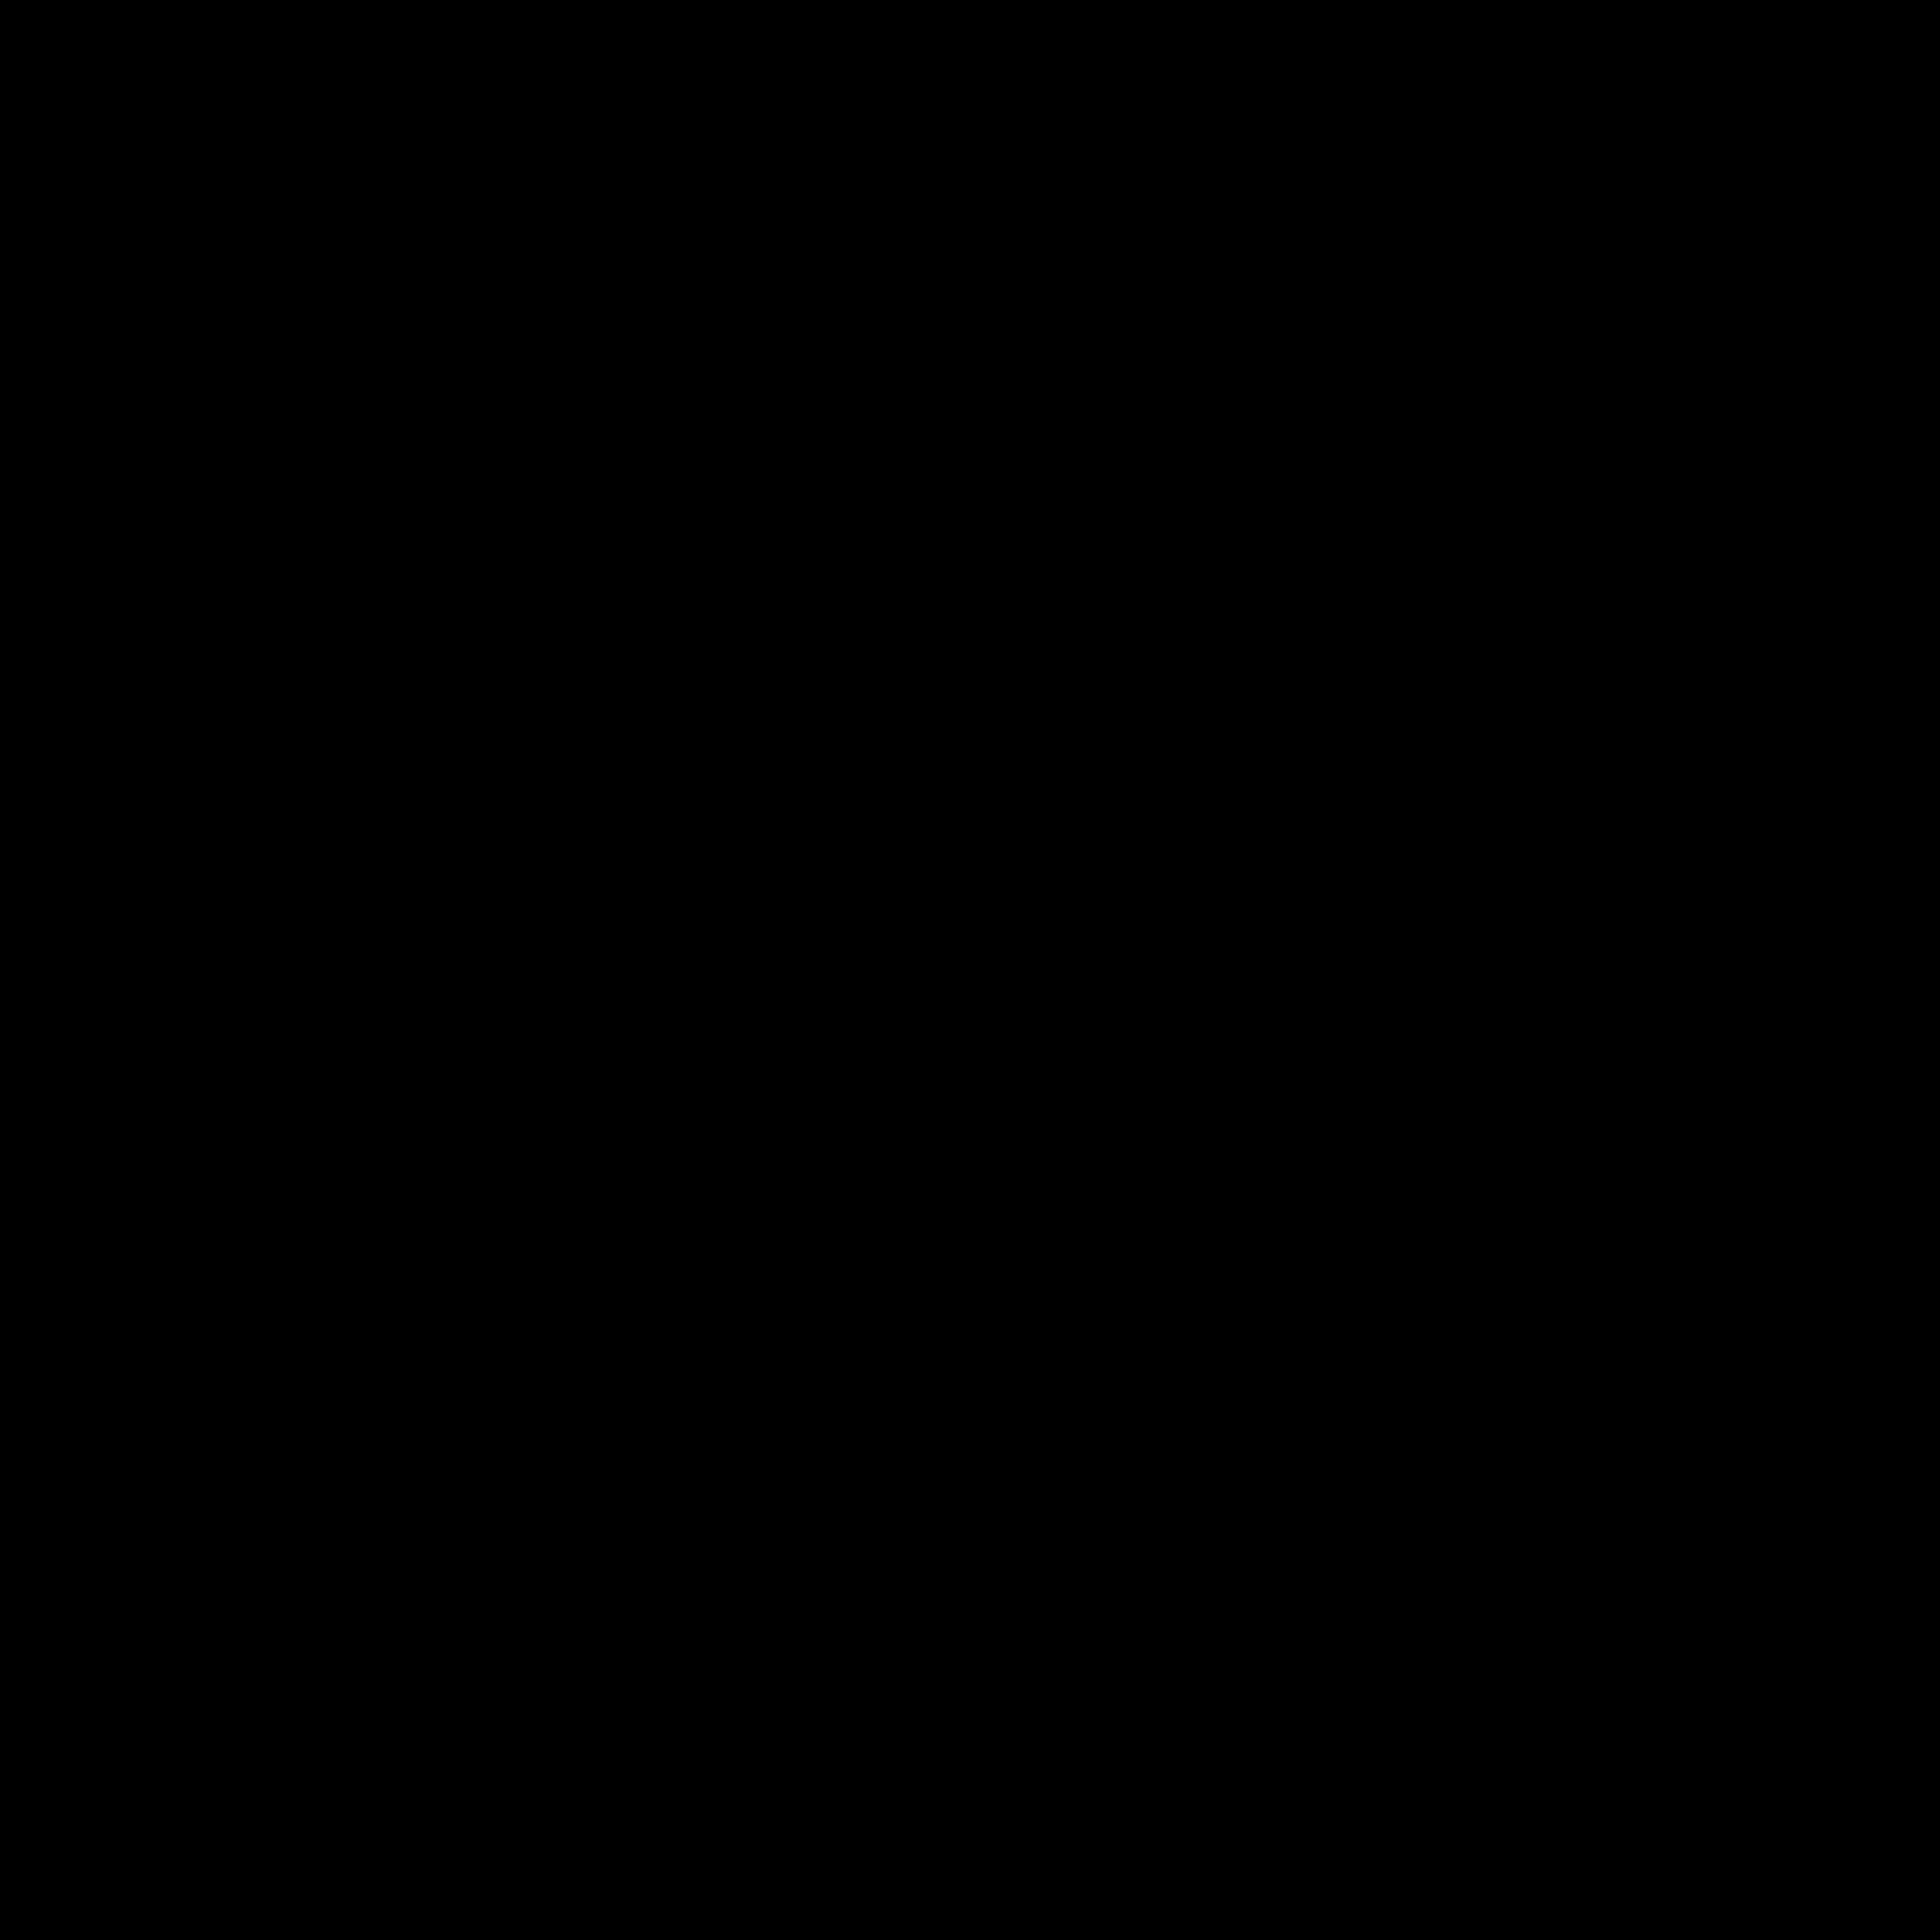 Compaq Logo PNG Transparent & SVG Vector.